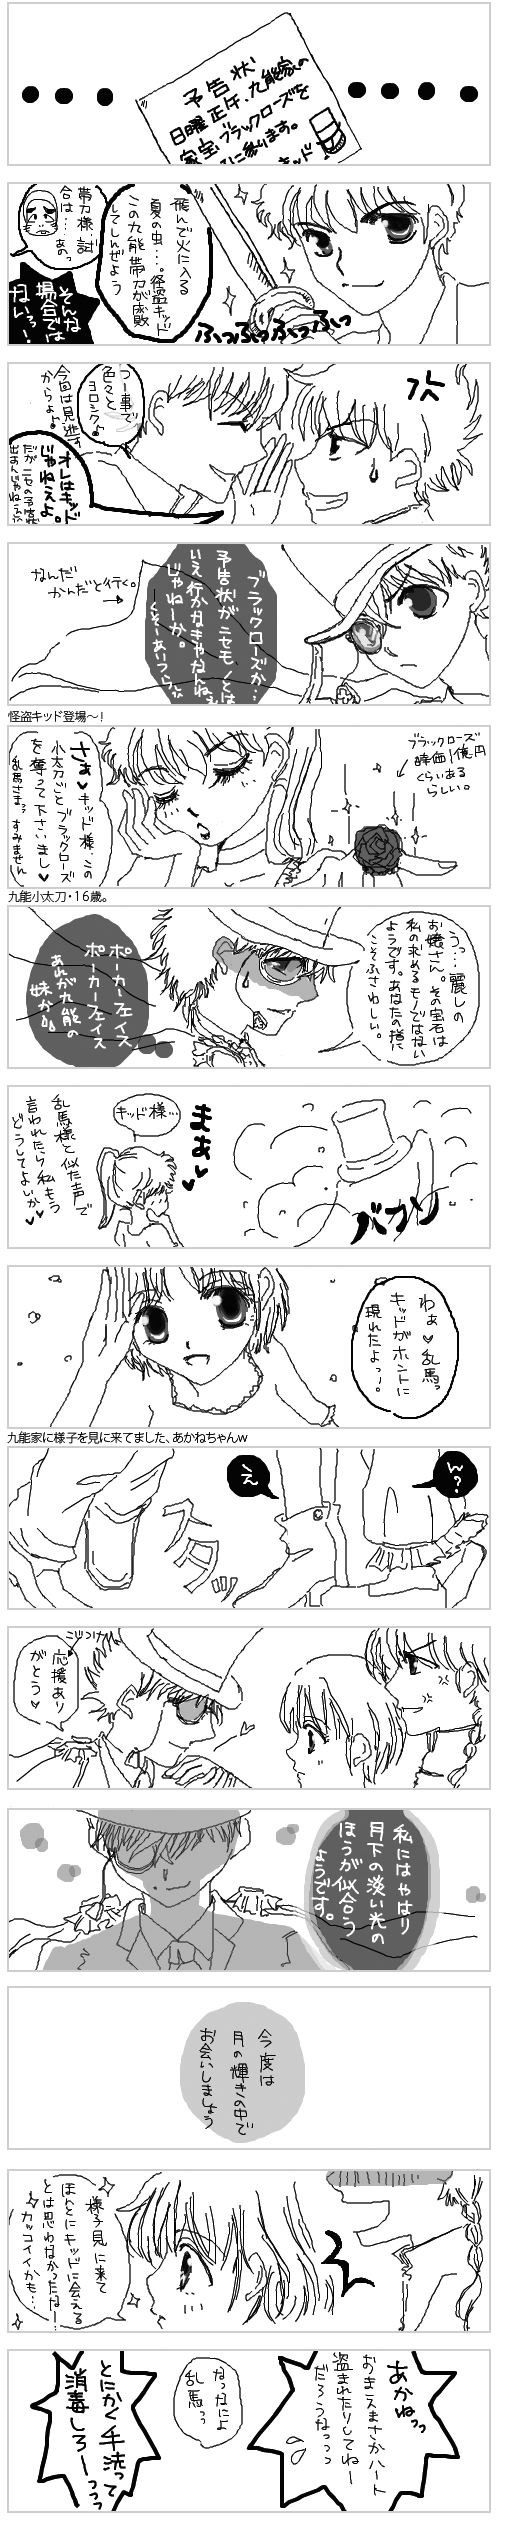 名探偵1/2-02